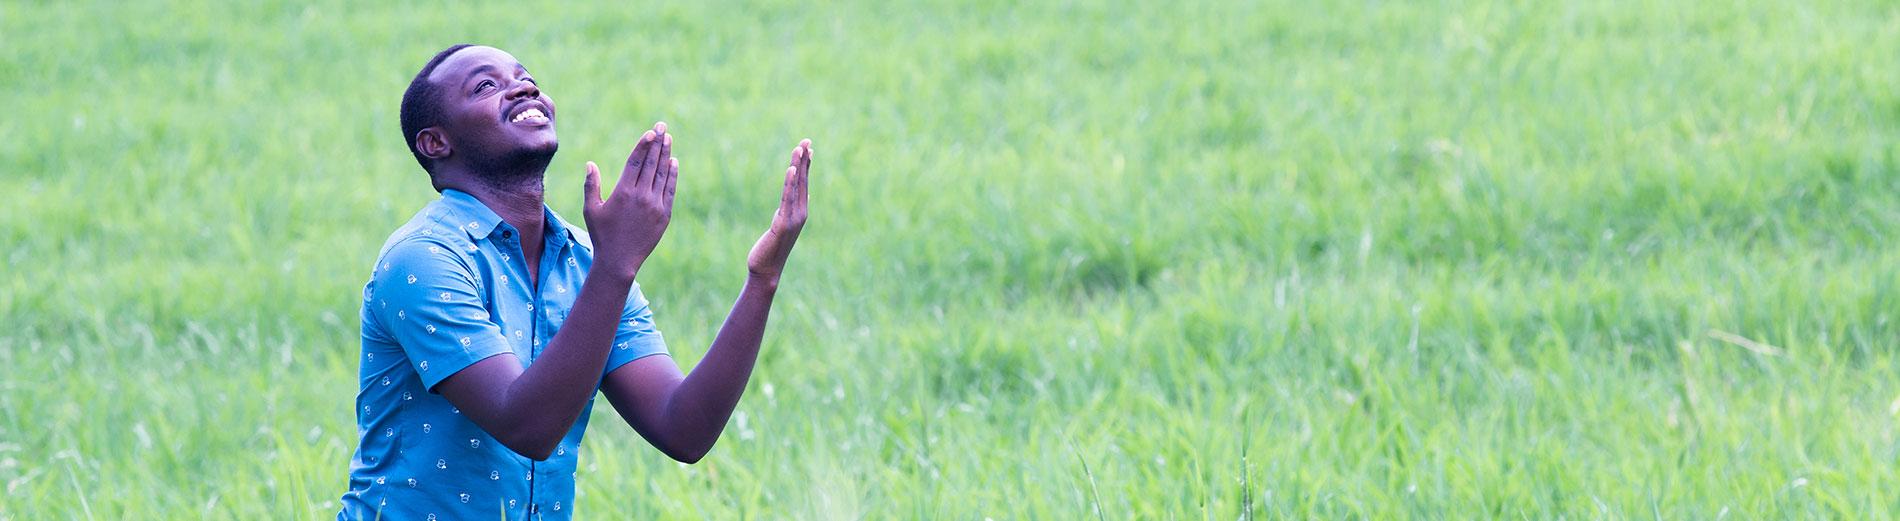 Un homme prie en levant les bras au ciel. Les missions de l'Action Missionnaire : de l'évangélisation au développement spirituel, en passant par la traduction, l'enfance et l'action sociale